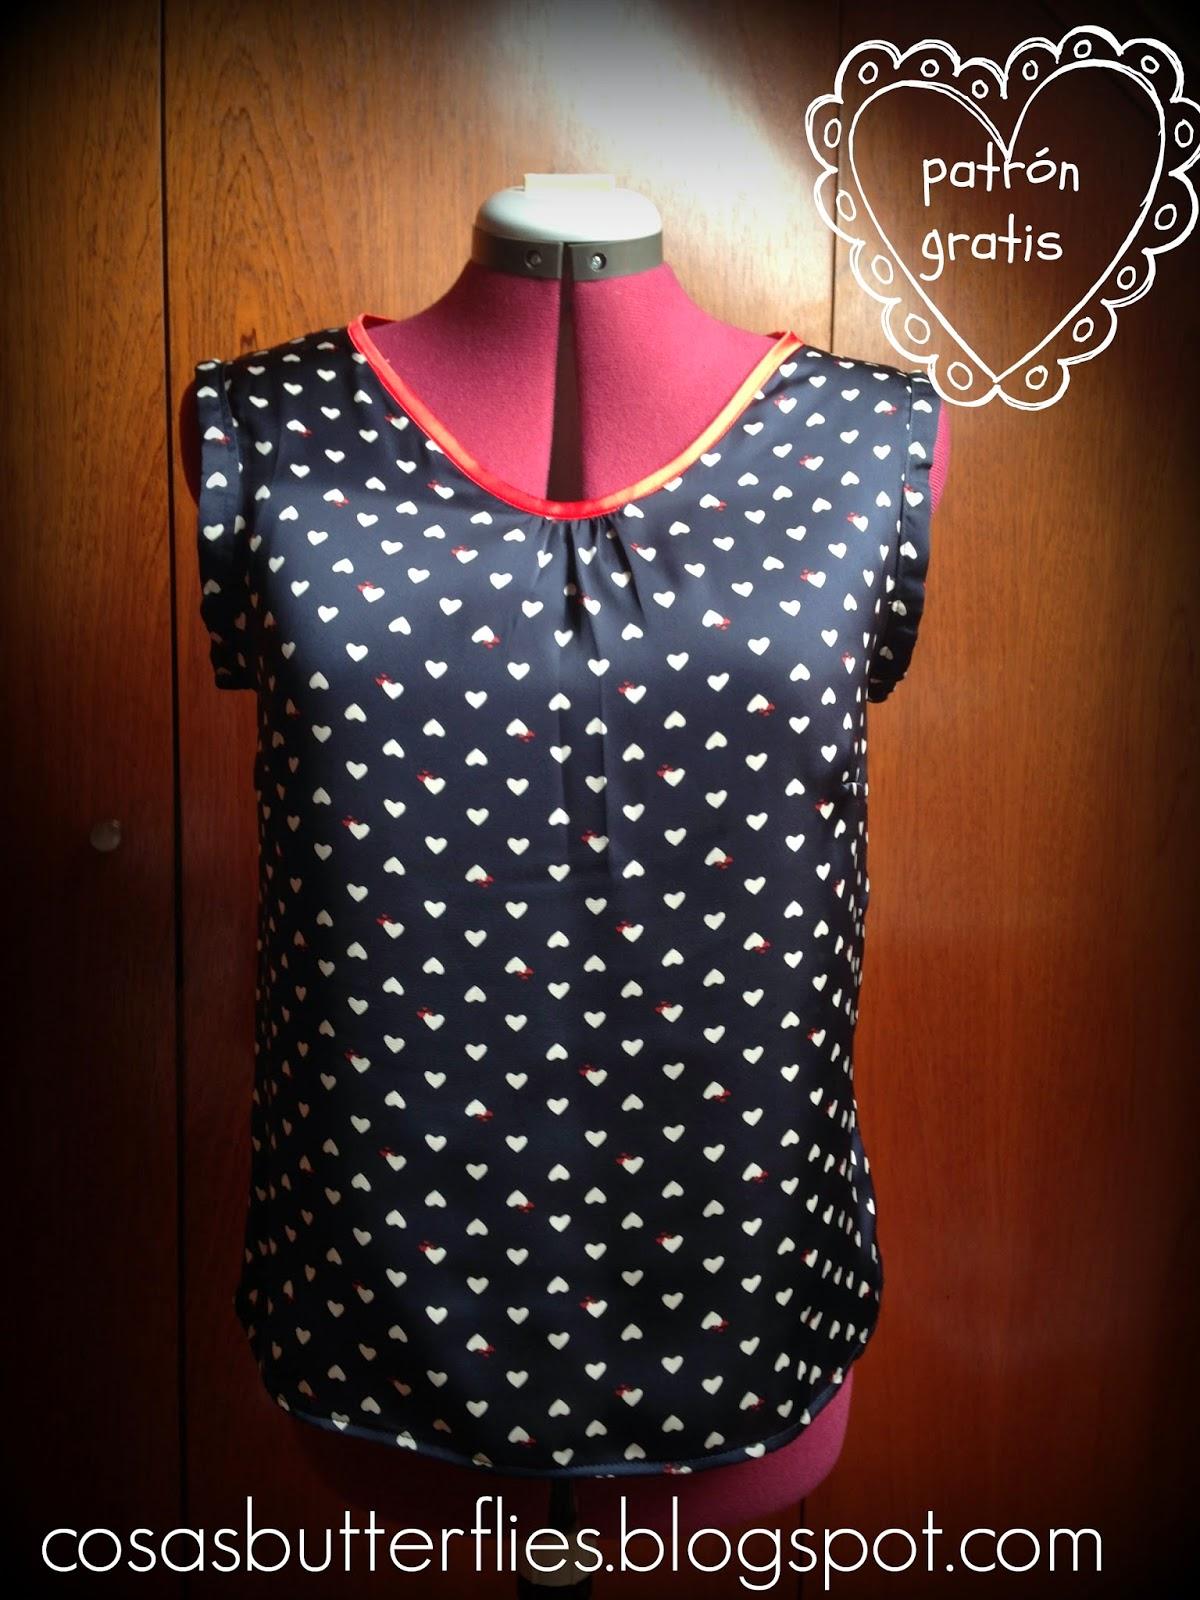 Cosas de Butterflies DIY patrn gratis blusa fcil muy love